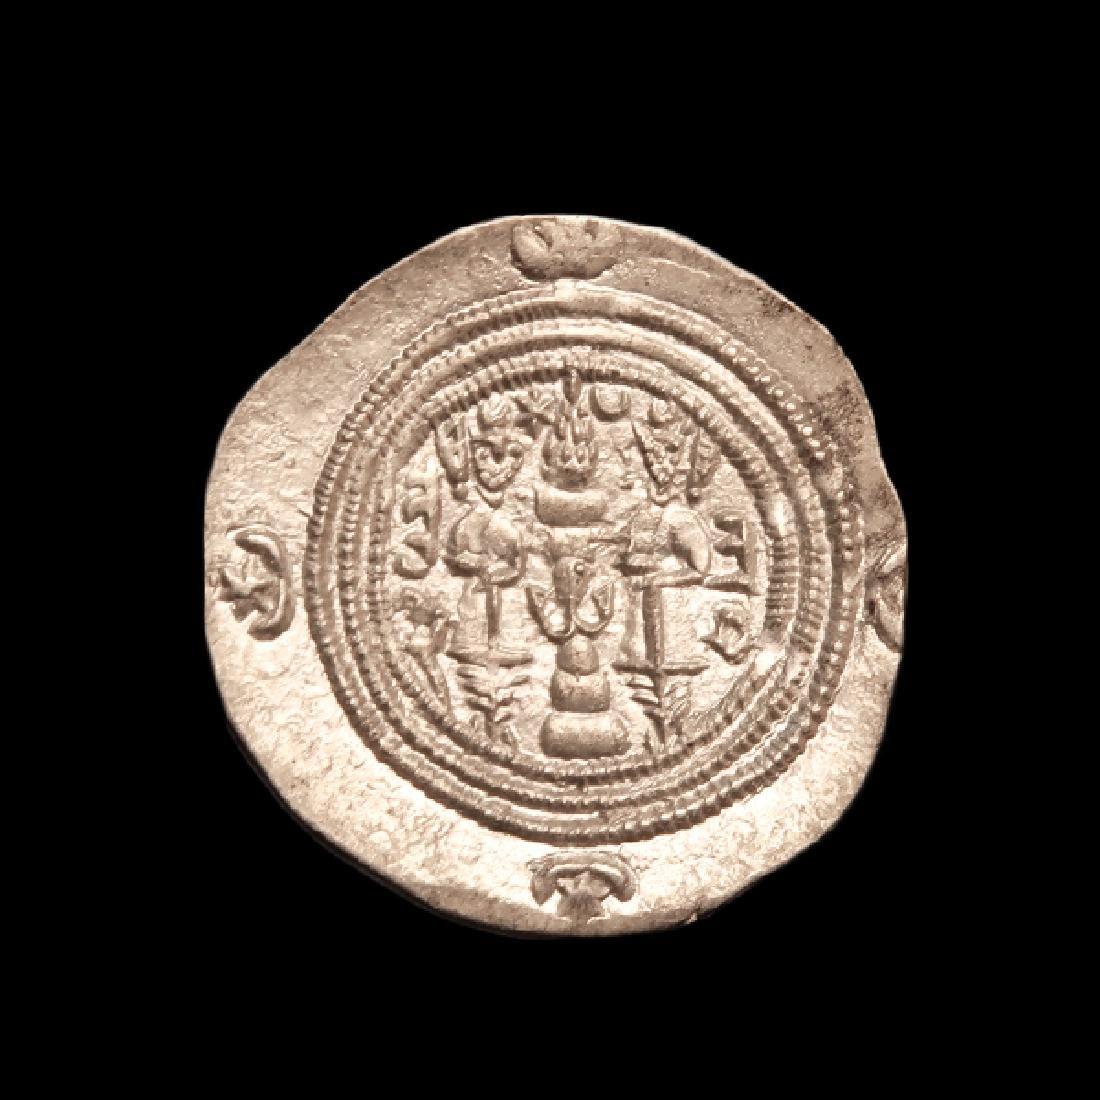 Sassanian Silver Drachm, King Khusro, c. 591-628 A.D.